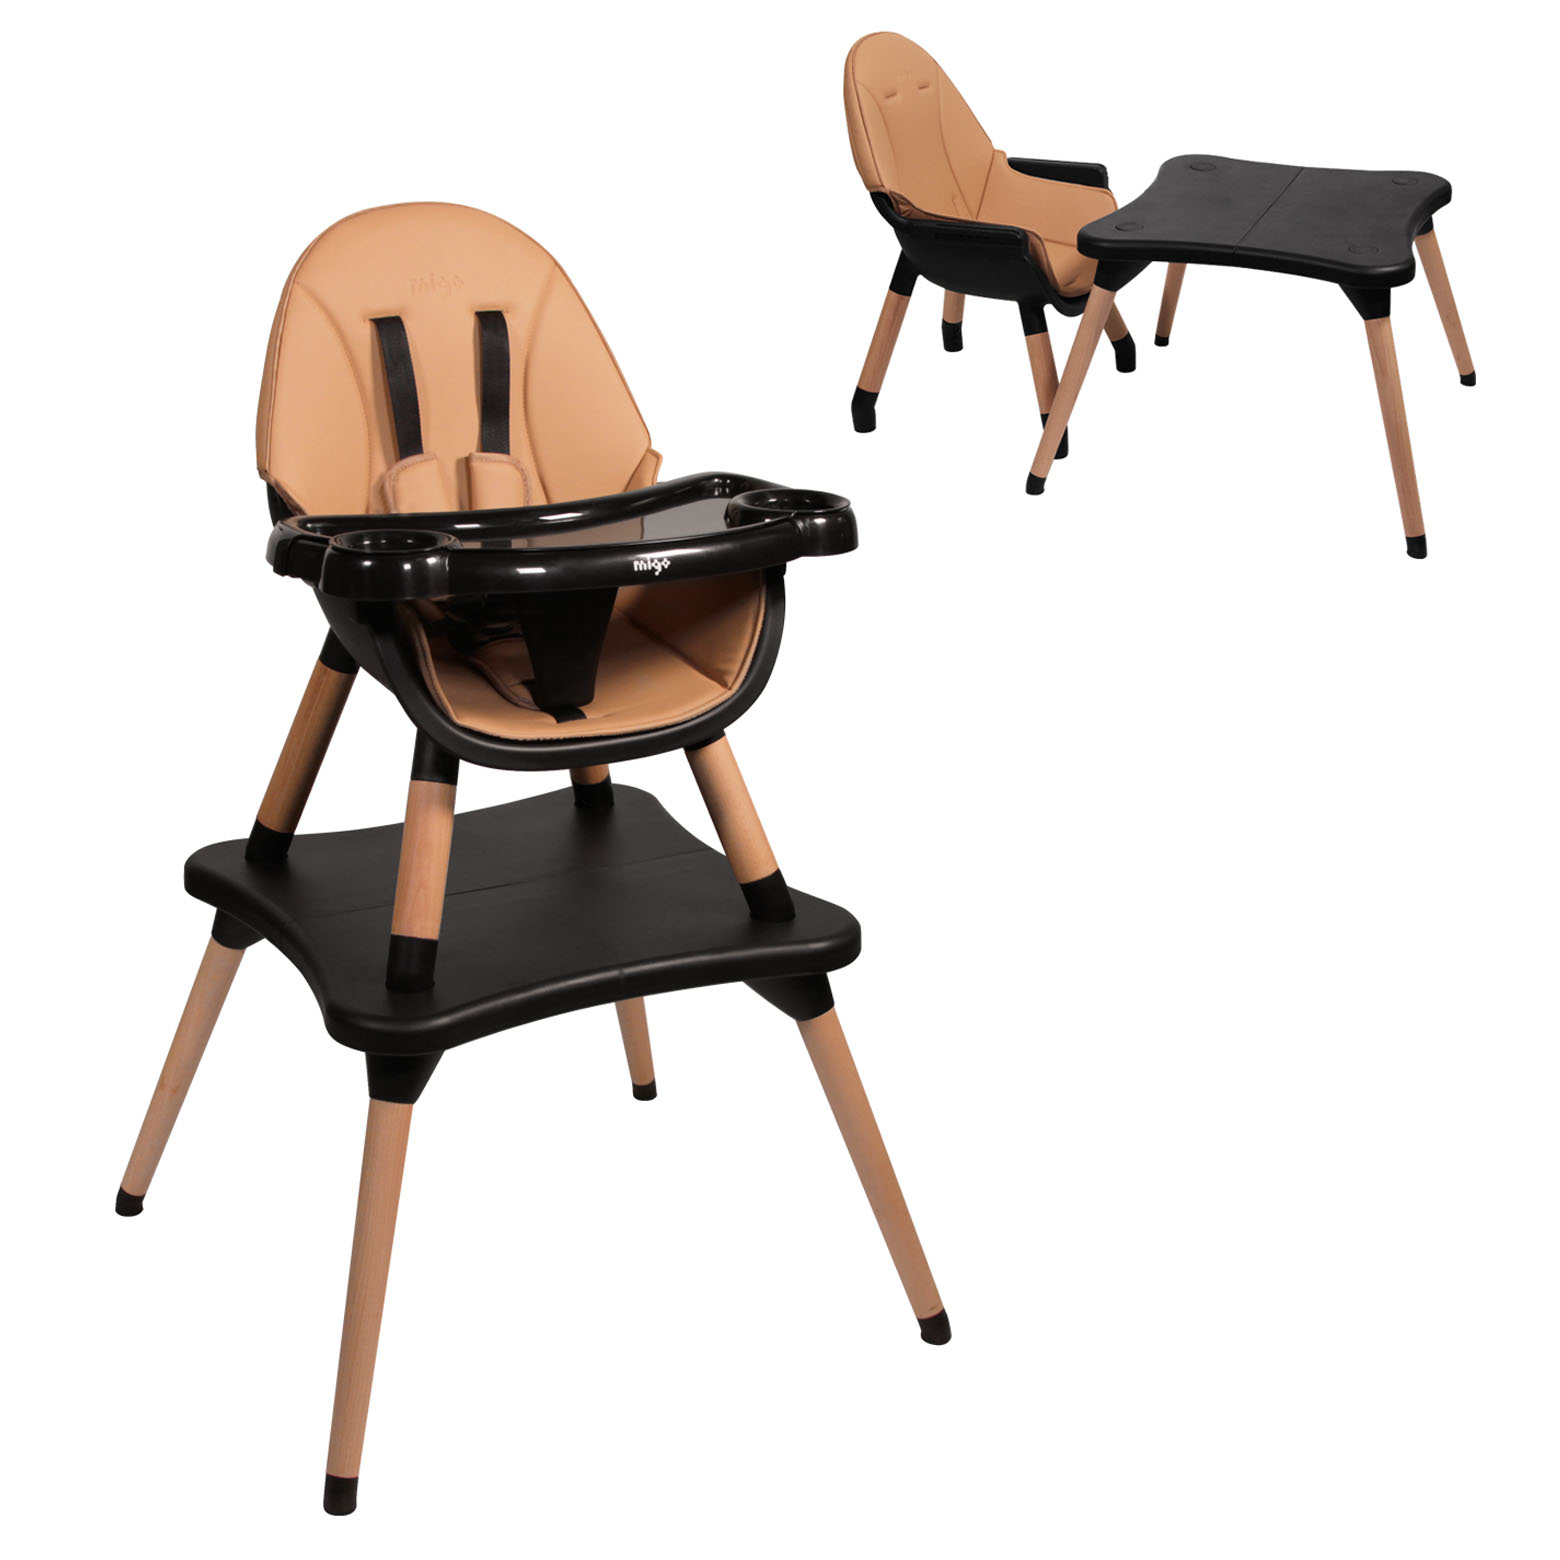 chaise haute 2 en 1 eva evolutive a partir de 6 mois